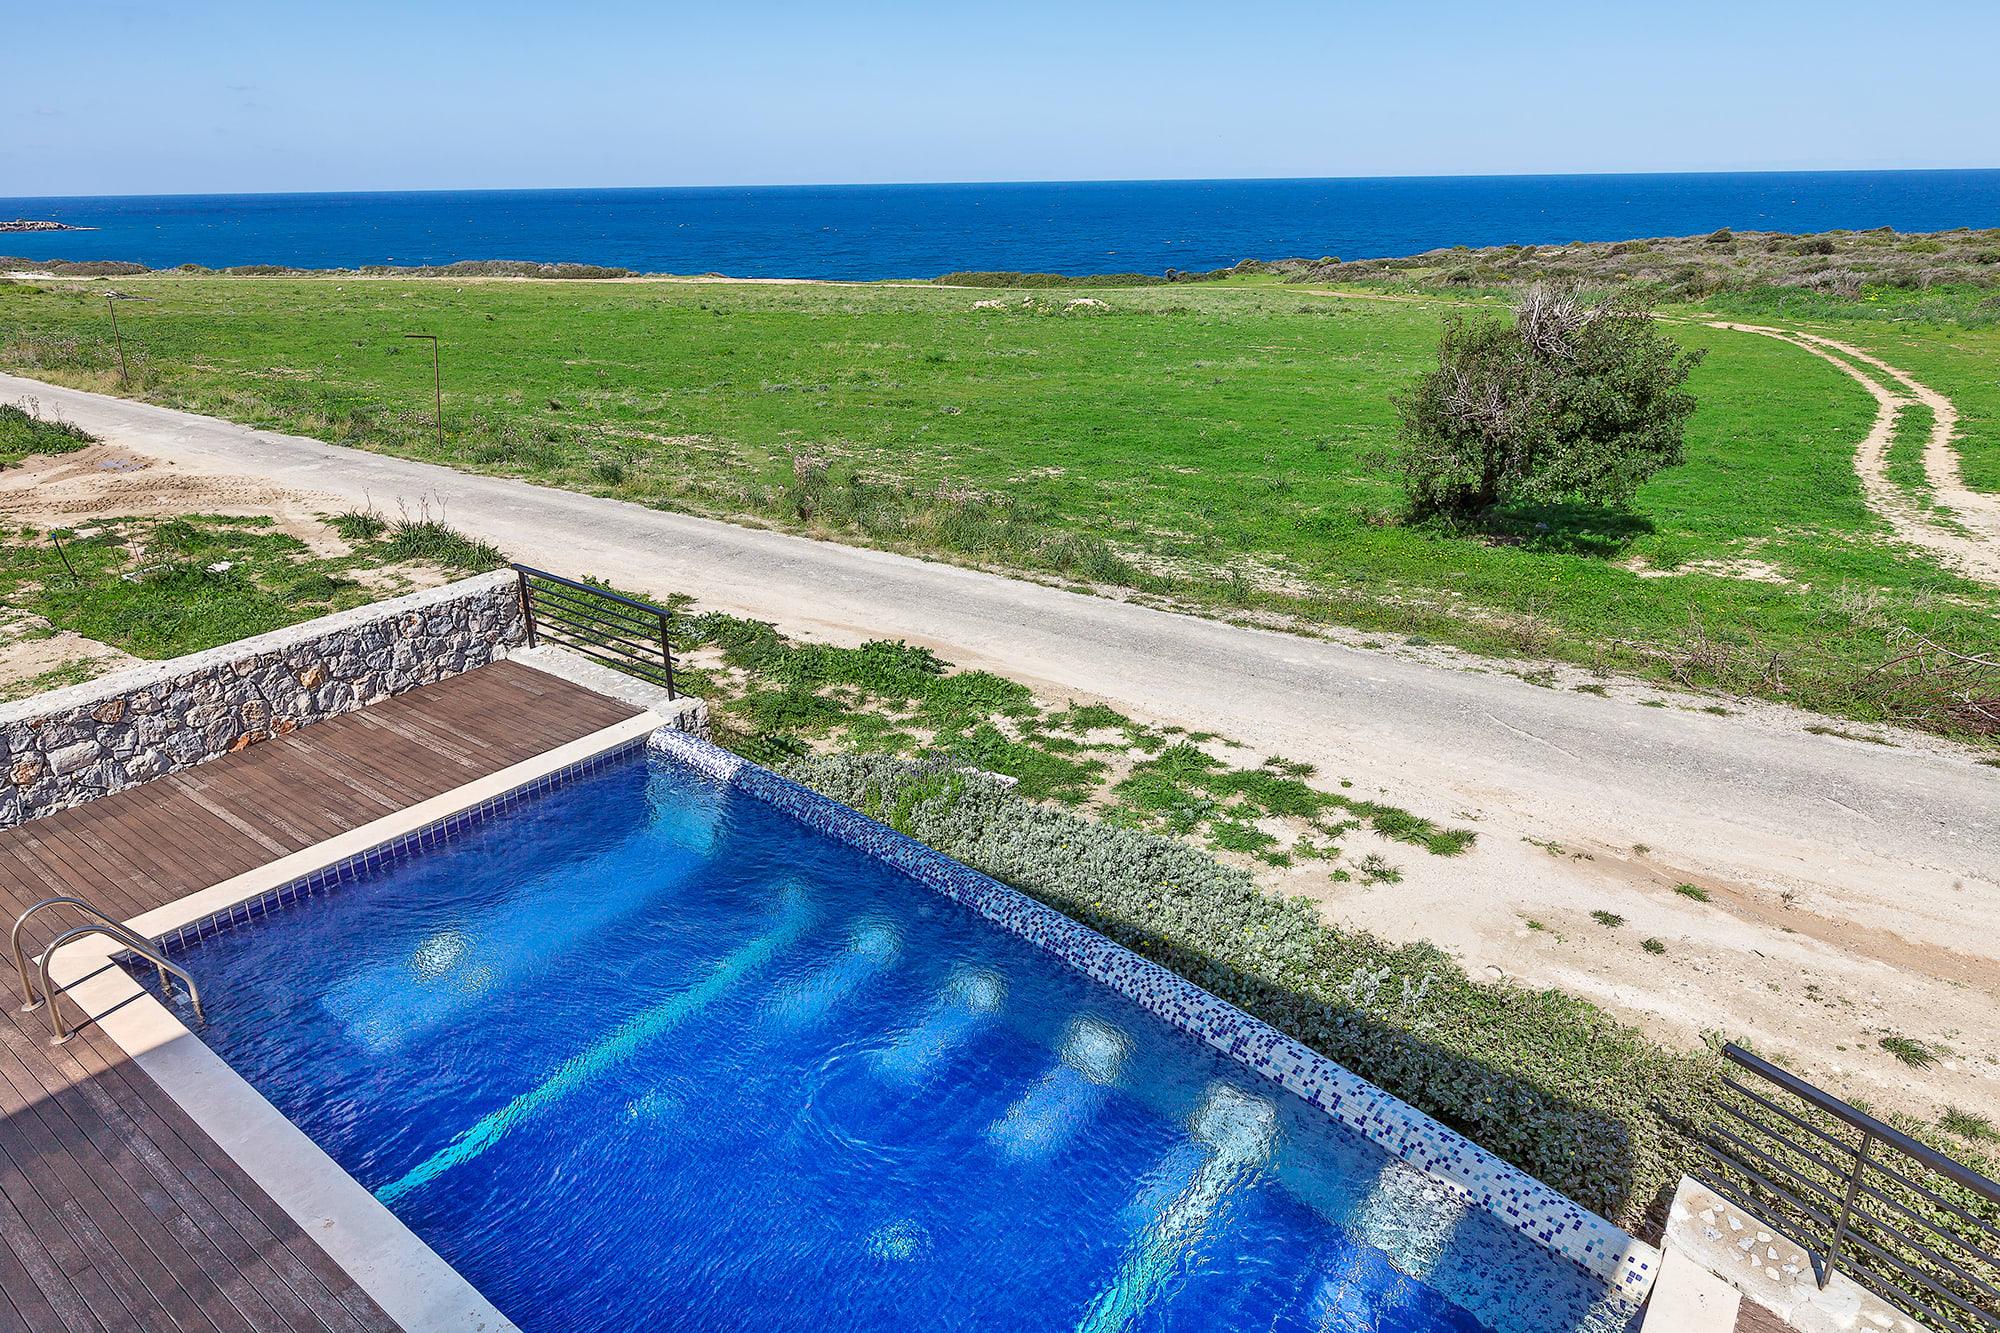 Bahçeli'de Satılık Denize Sıfır 3 Yatak Odalı ve Özel Havuzlu Villalar 9876